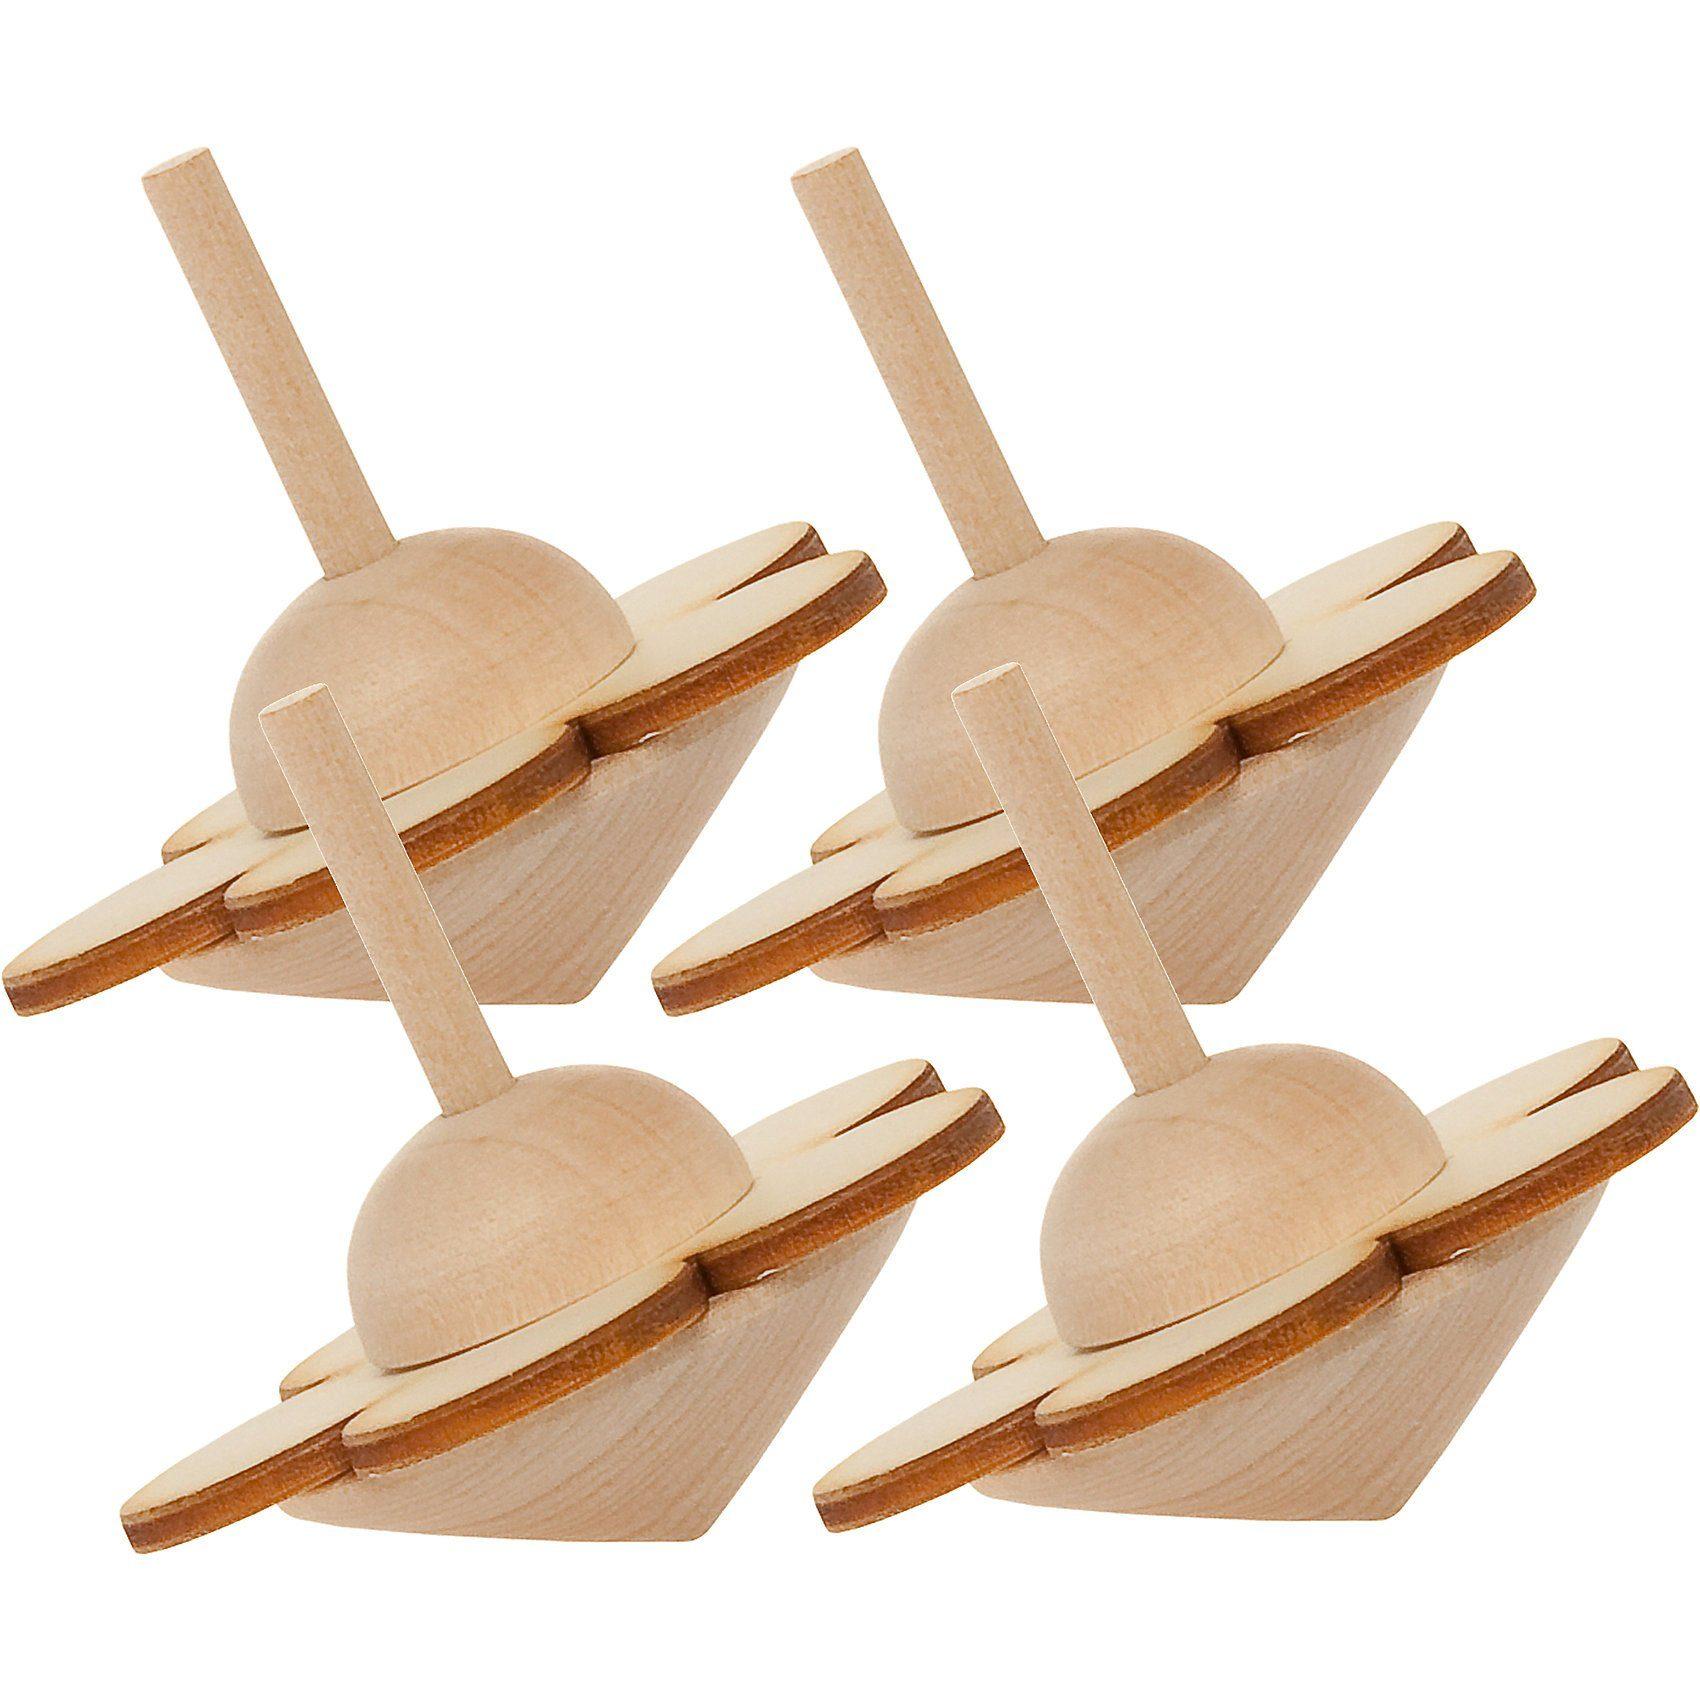 SUNNYSUE Kreisel Holz Blume zum Basteln und Gestalten, 4 Stück